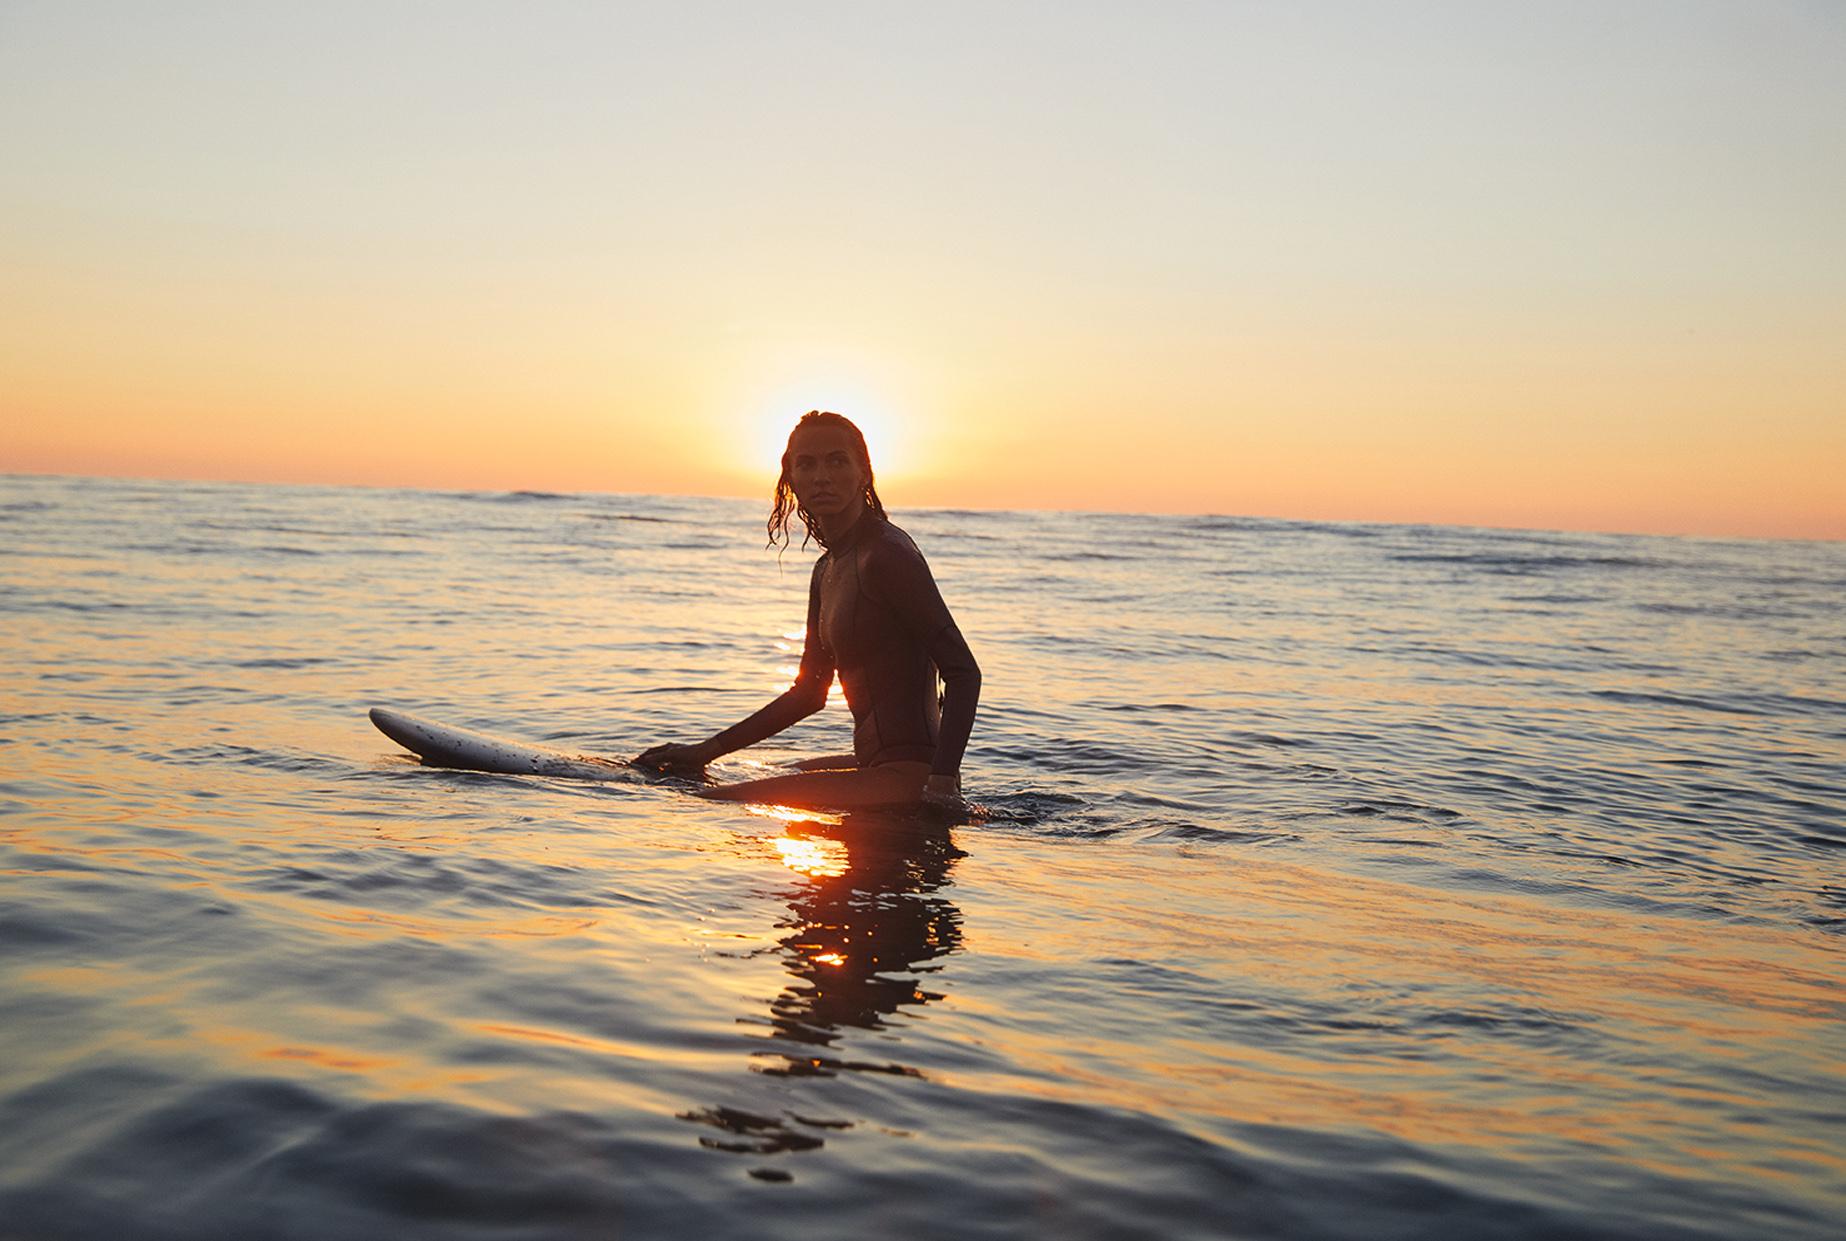 chica en el mar sobre tabla de surf